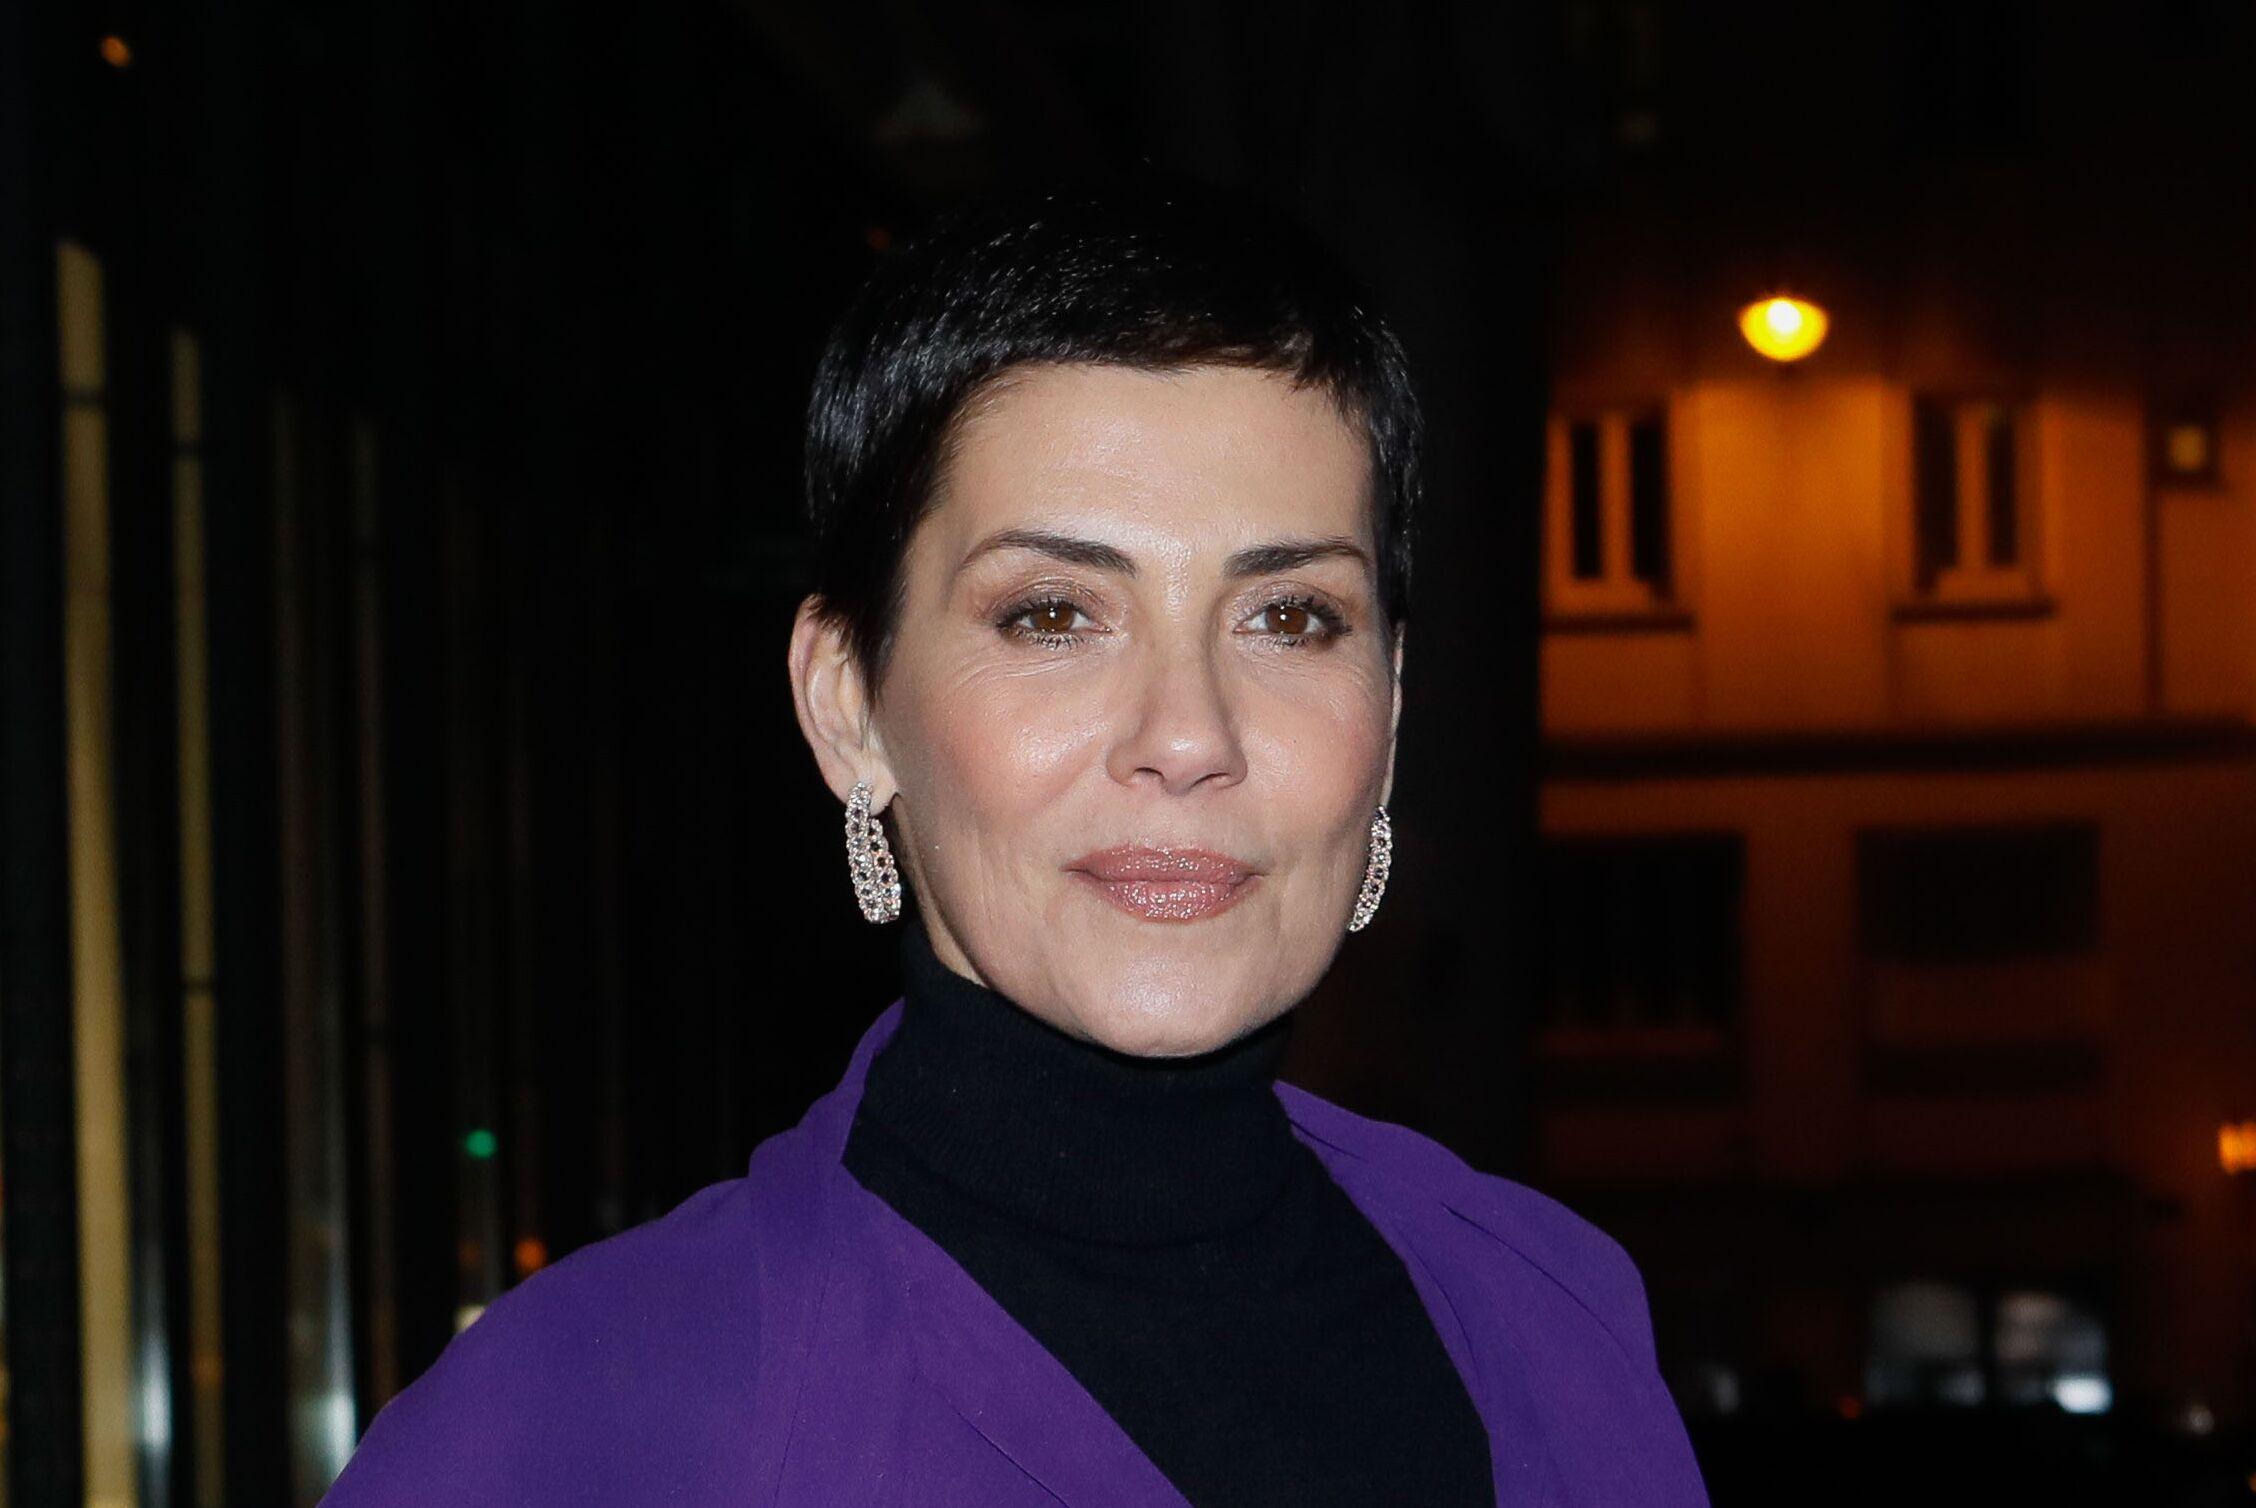 Cristina Cordula prise pour cible : ces déclarations qui ont ulcéré les internautes